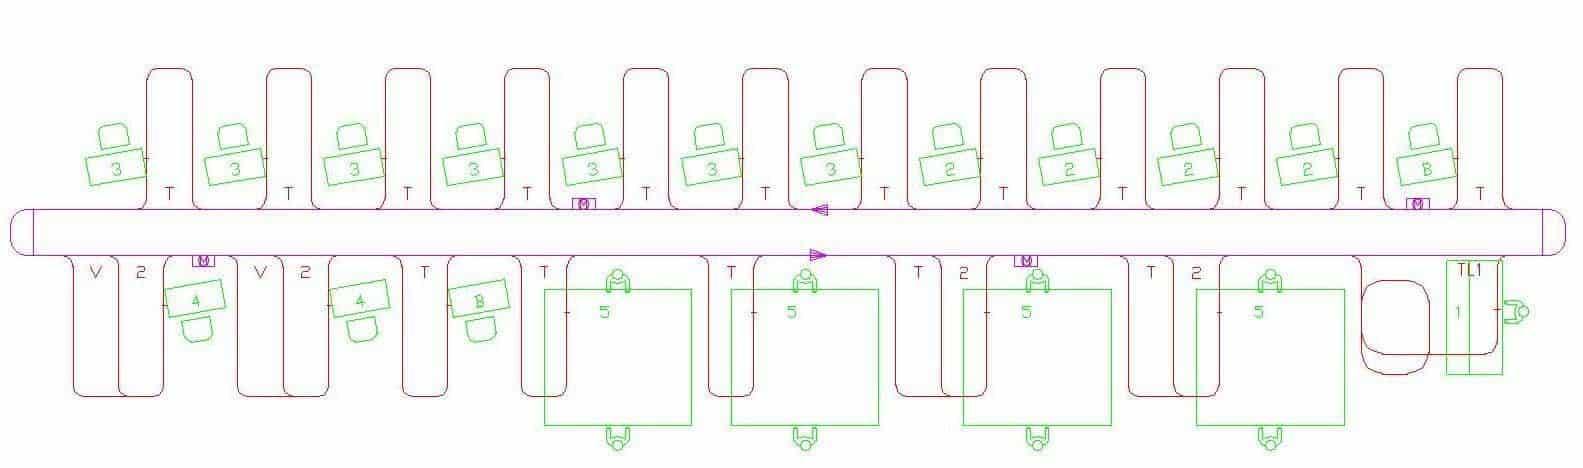 Eton sheet layout